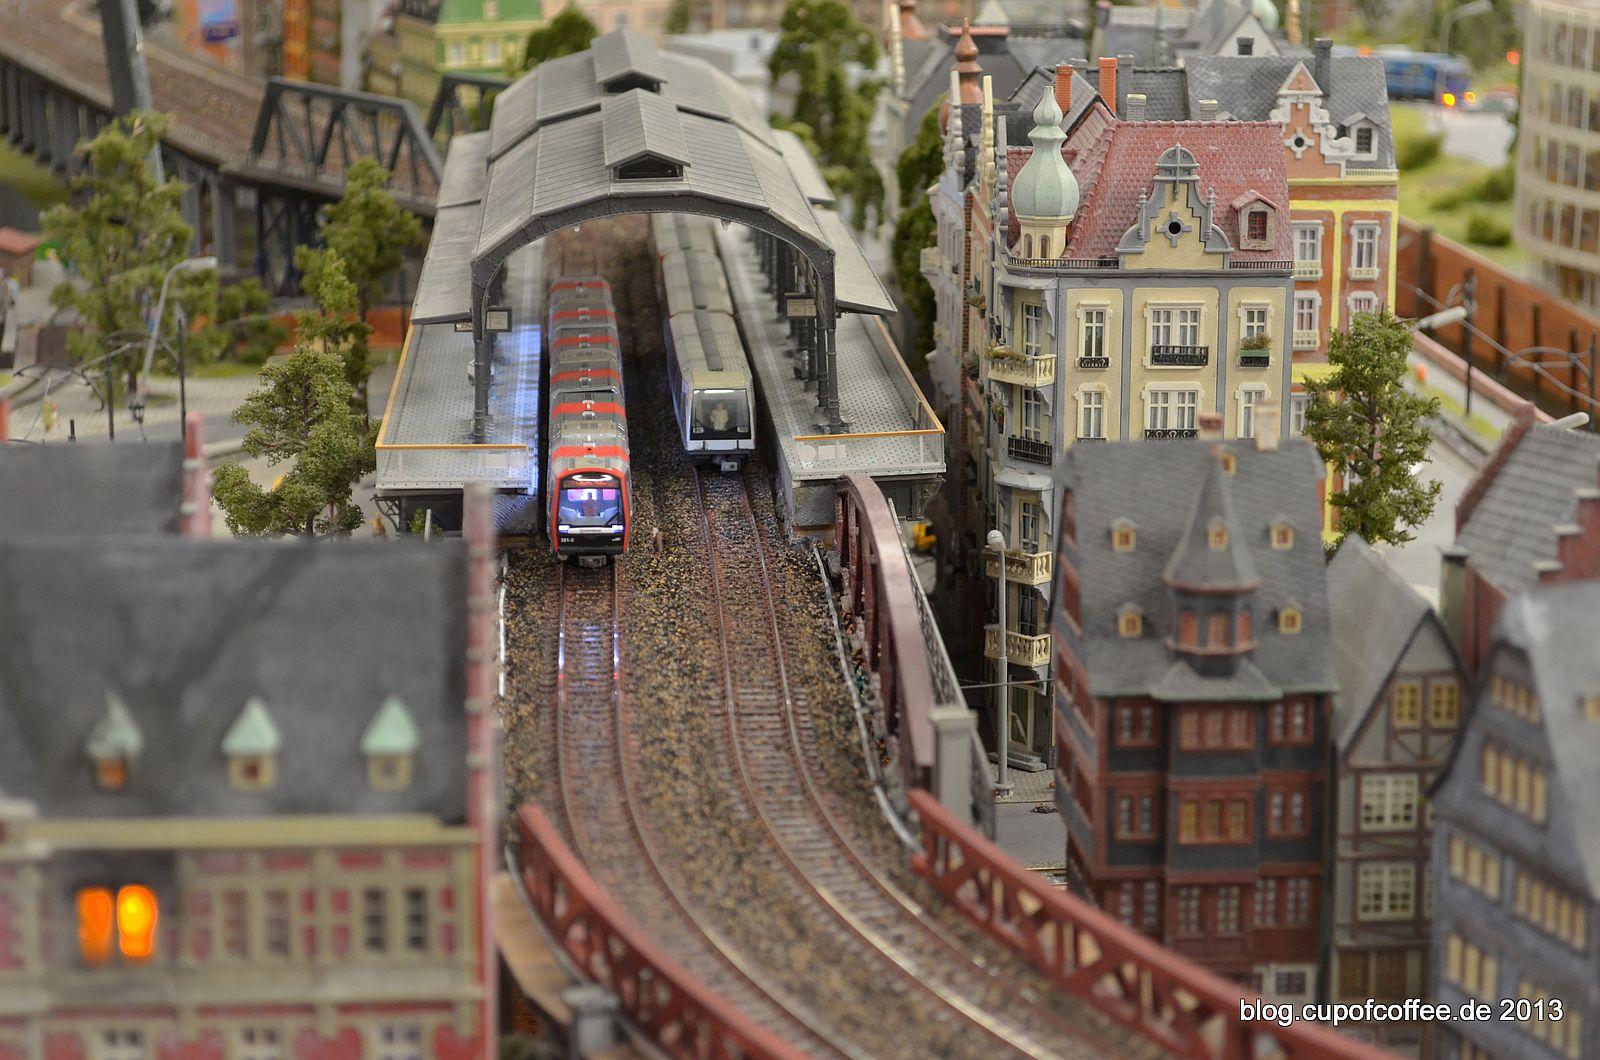 DT5 und DT4 gemeinsam in der Station, ein schöner Anblick.